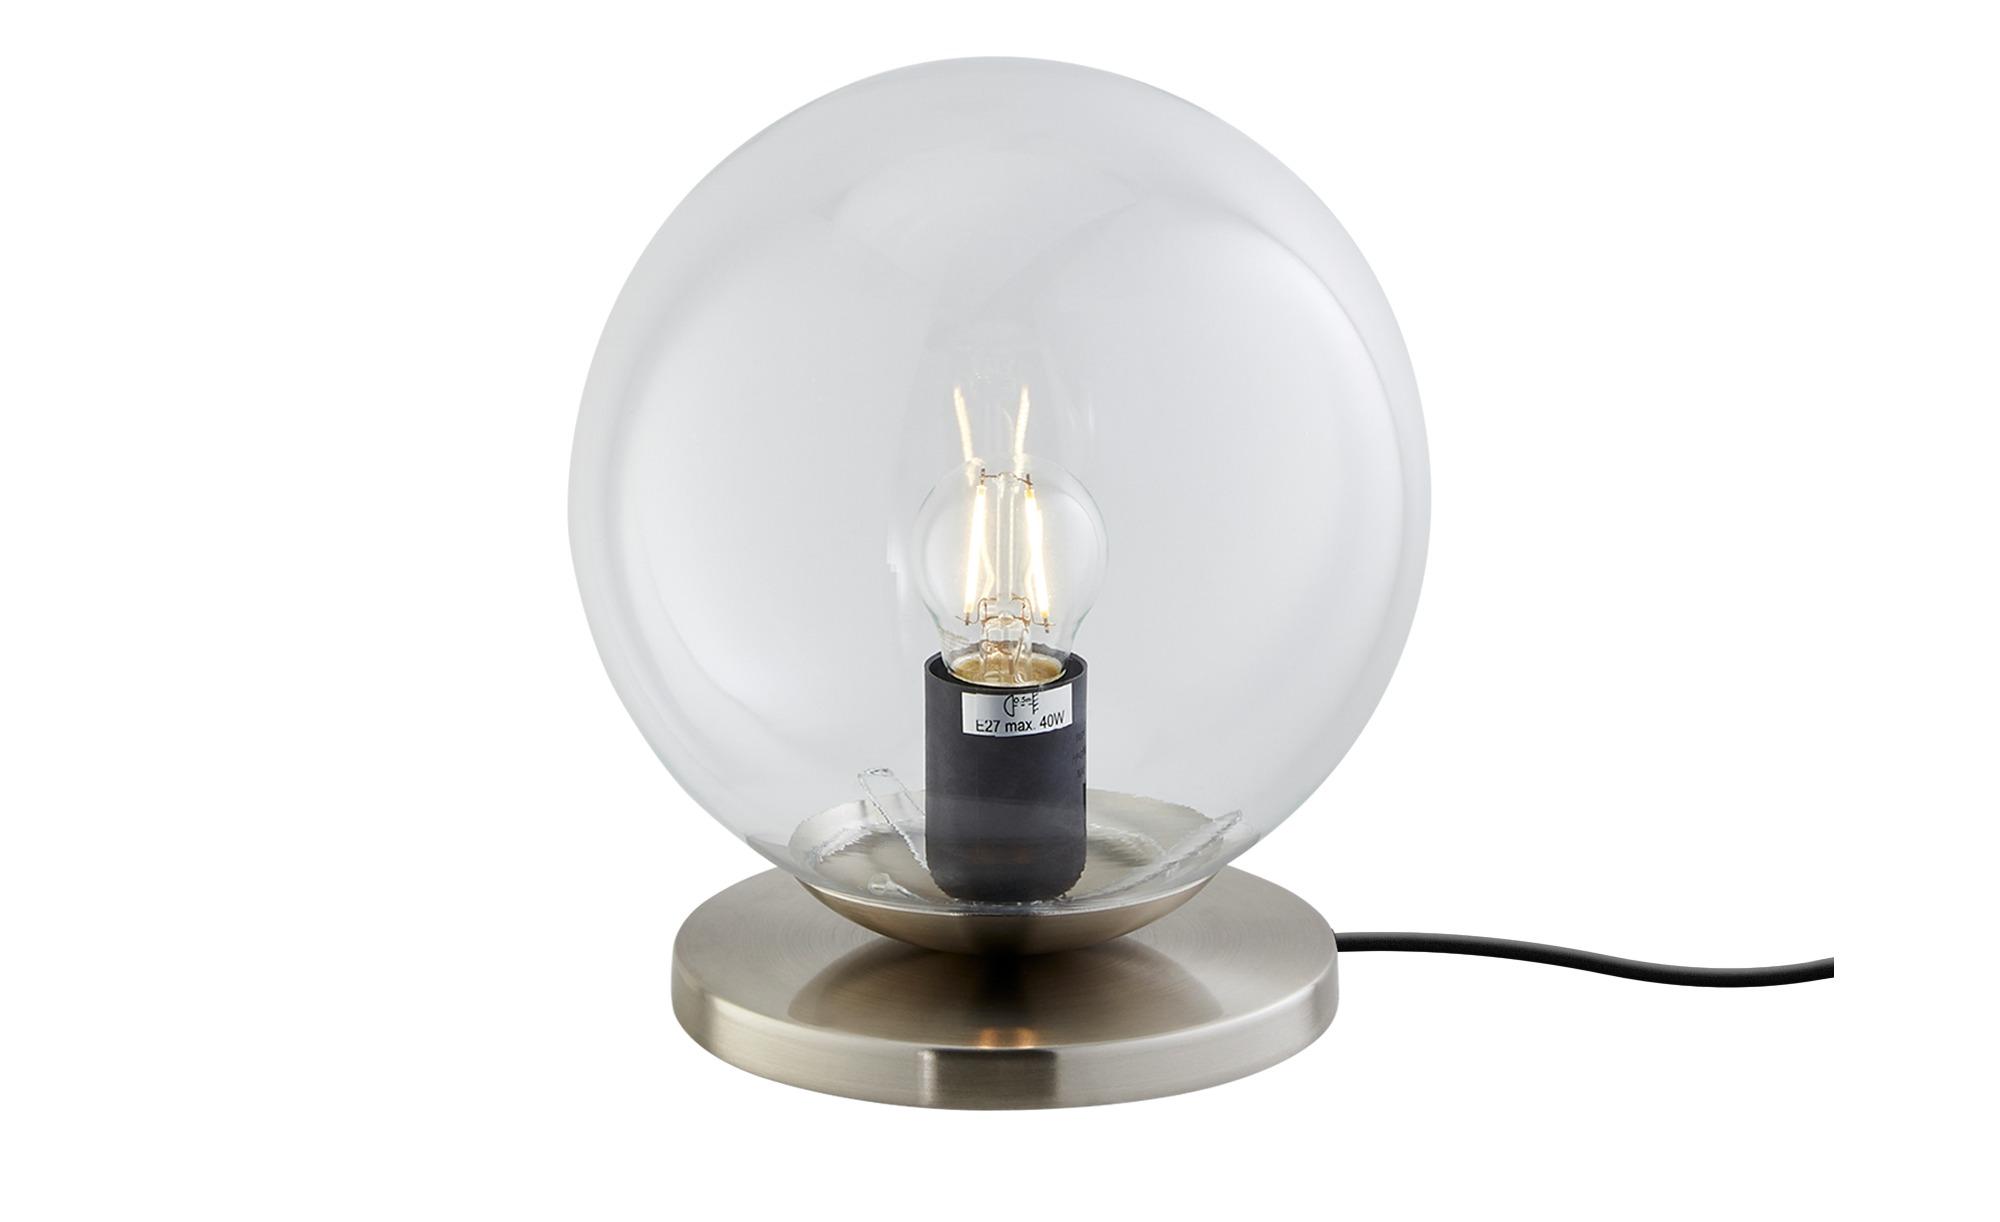 Tischleuchte, 1-flammig, Glas klar ¦ silber ¦ Maße (cm): H: 22,3 Ø: [20.0] Lampen & Leuchten > Innenleuchten > Tischlampen - Höffner